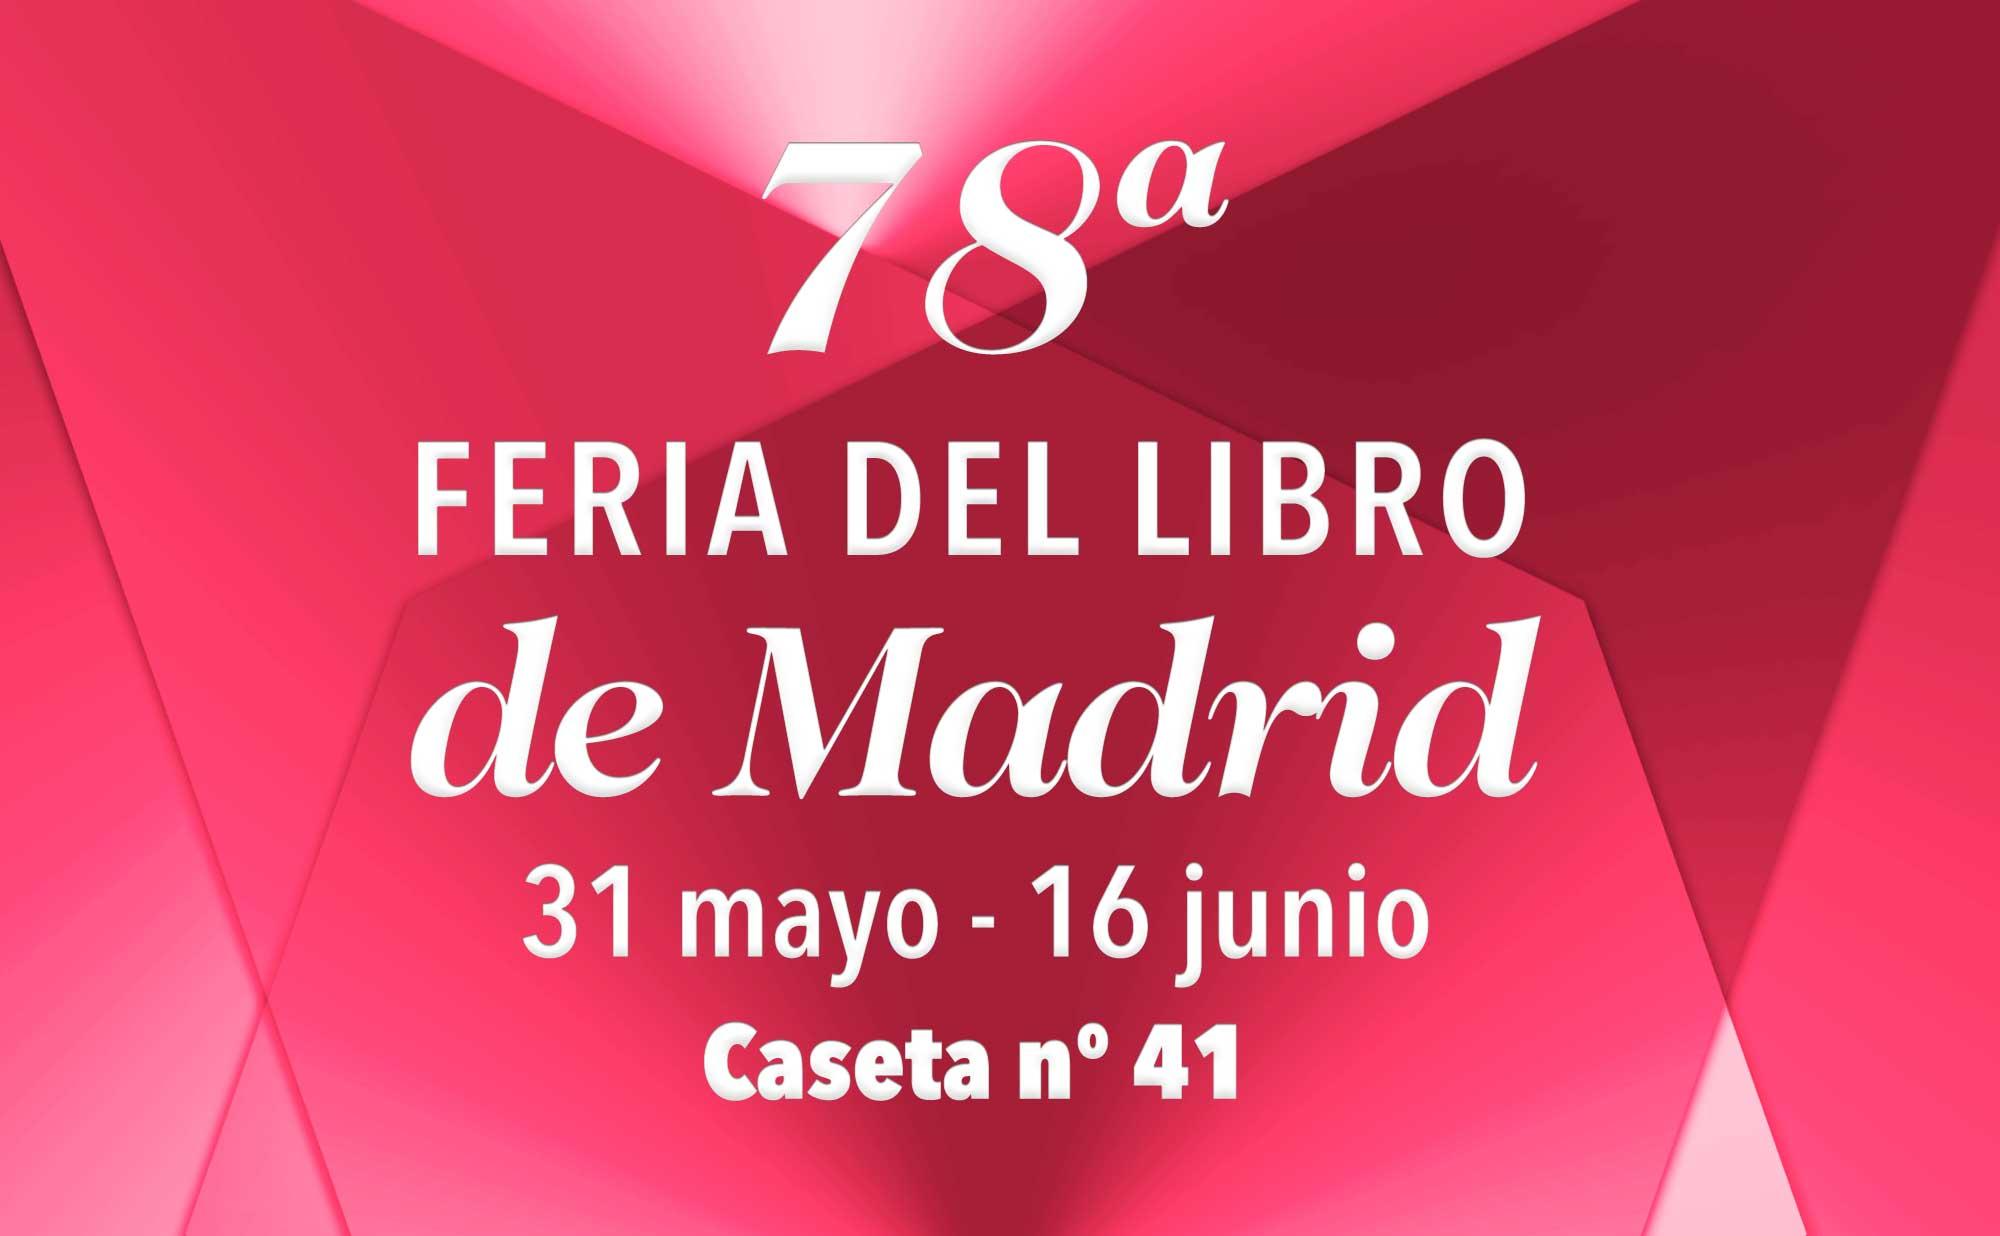 feria-libro-madrid-2019